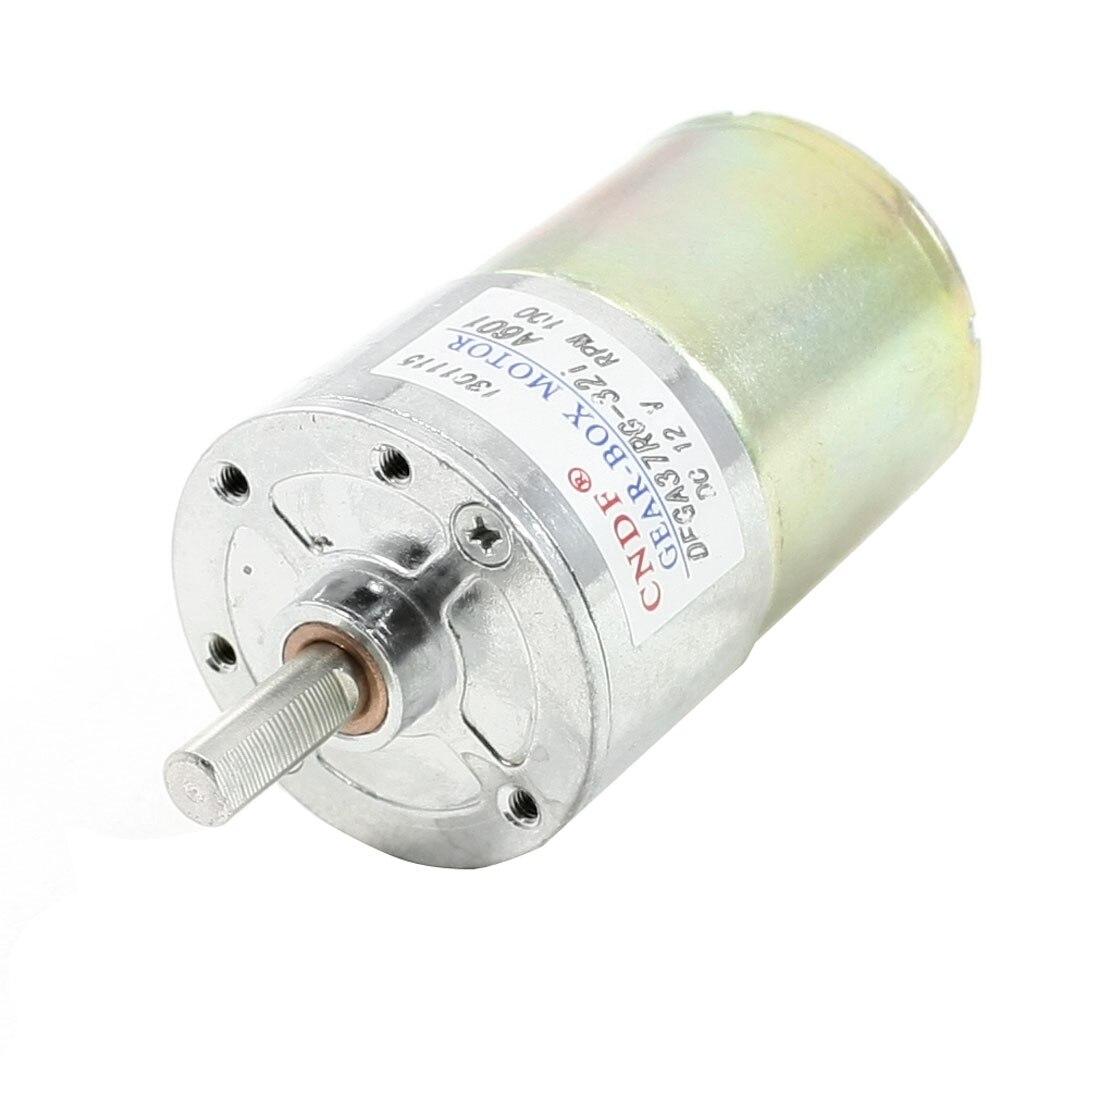 UXCELL 100Rpm Speed 6Mm Diameter Shaft 2 Terminals Geared Motor  12V<br><br>Aliexpress